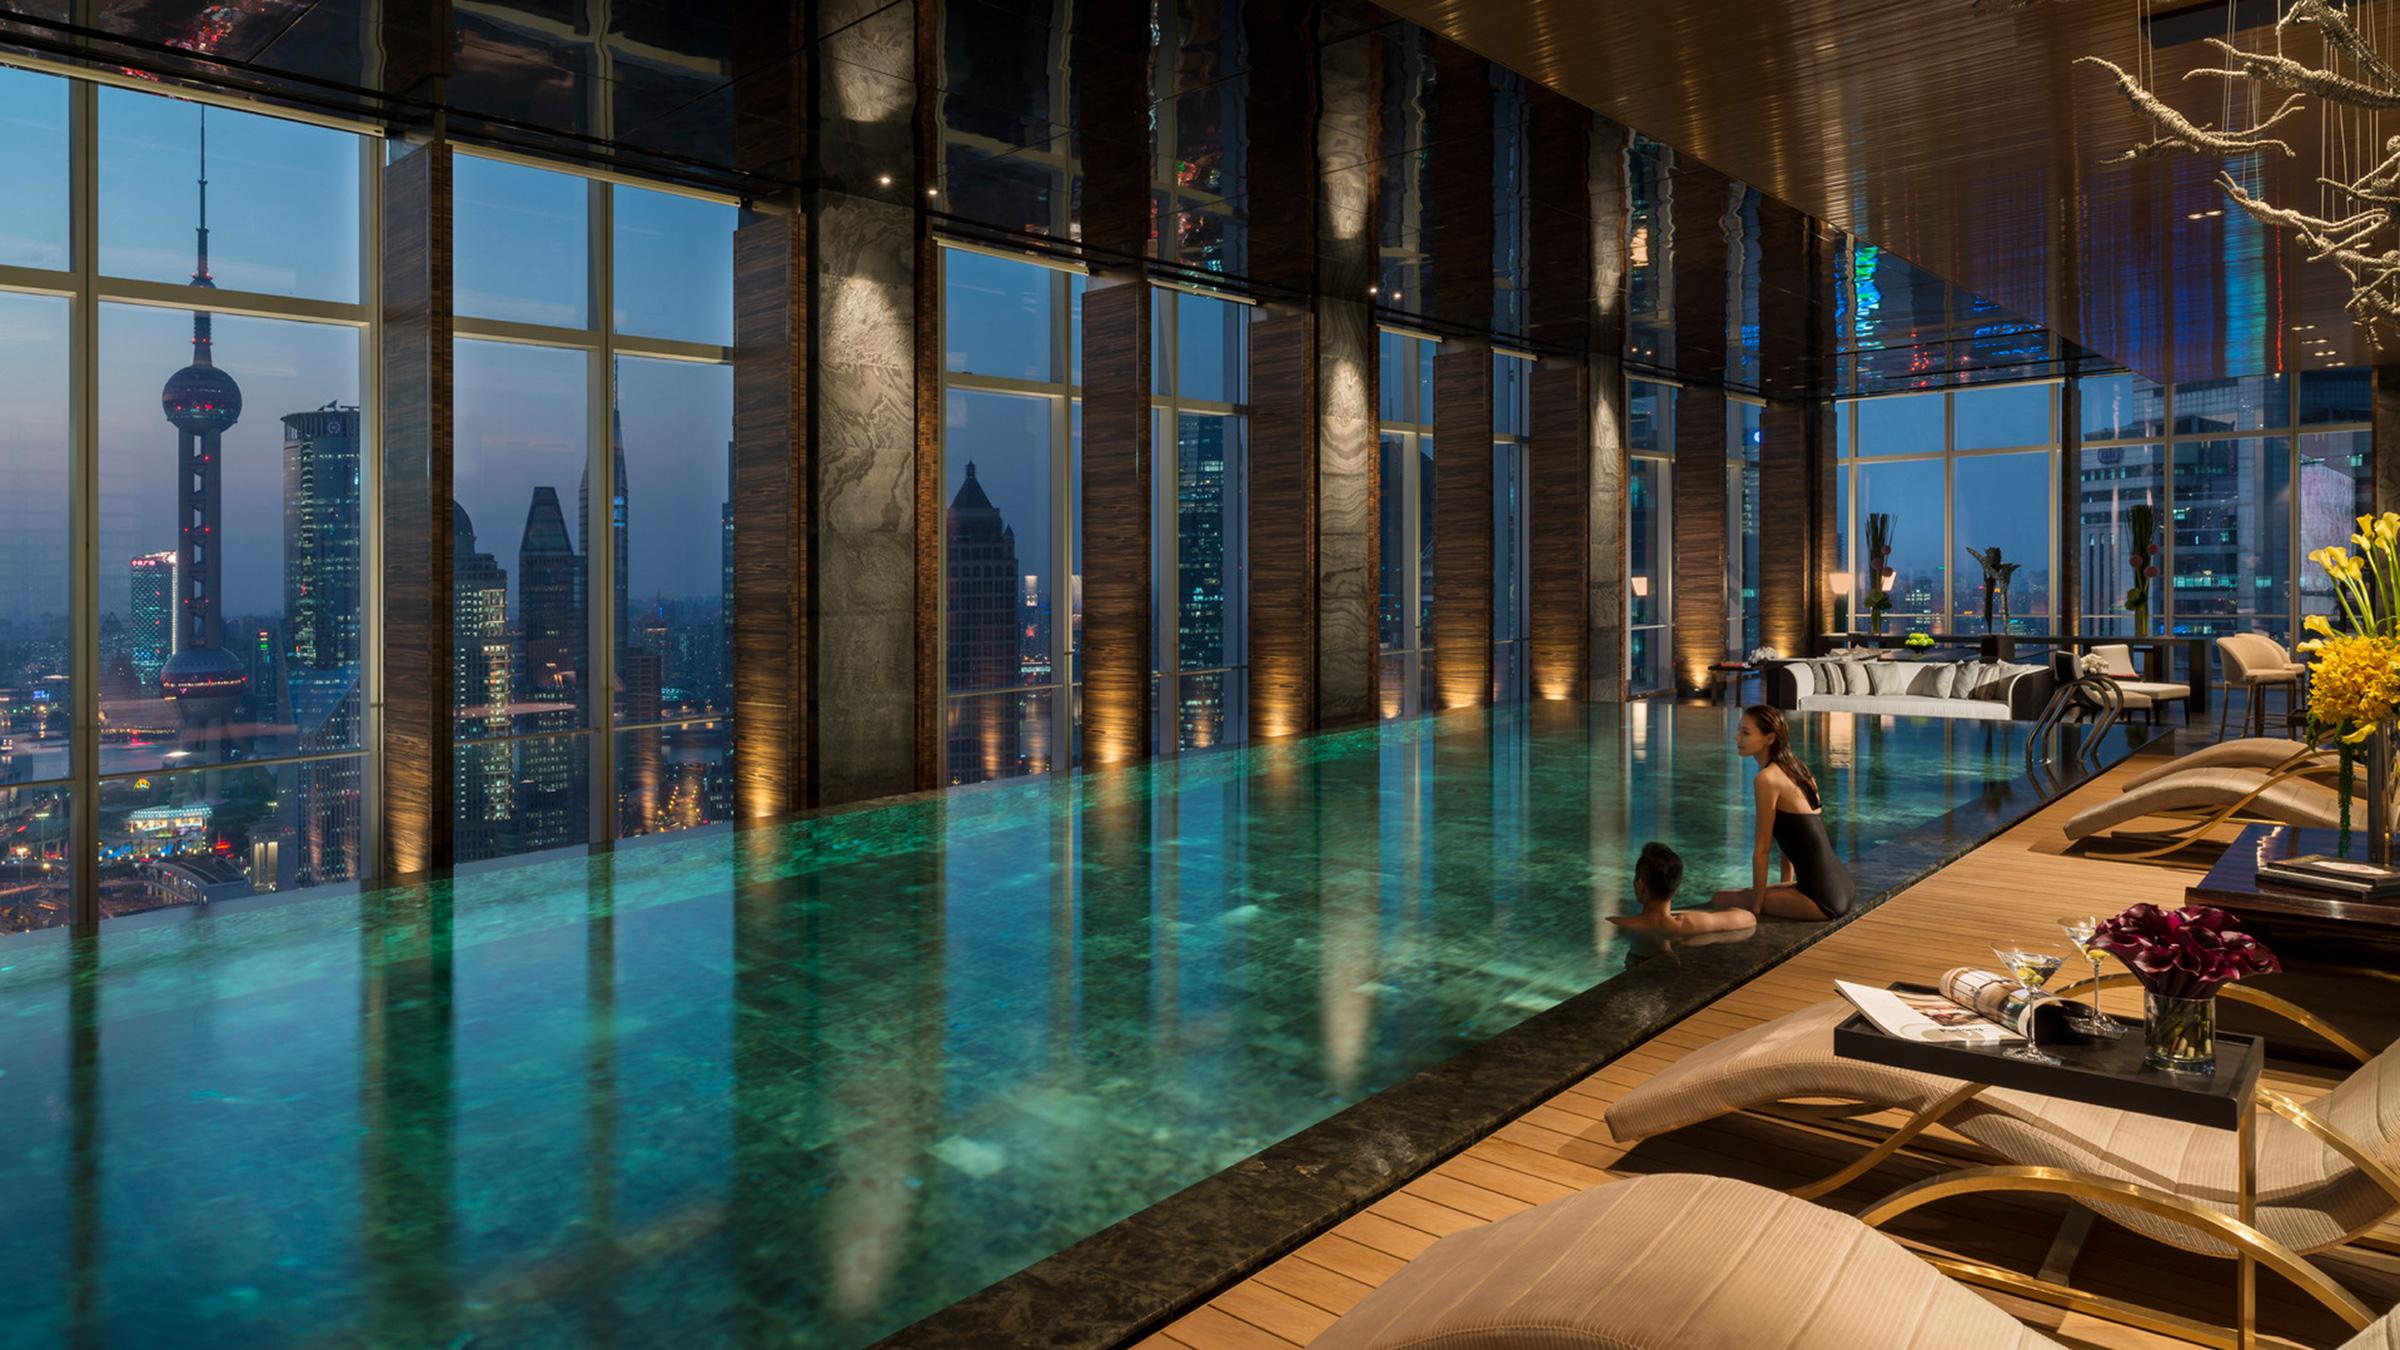 four-seasons-shanghai-pudong-pool-2400x1350.jpg